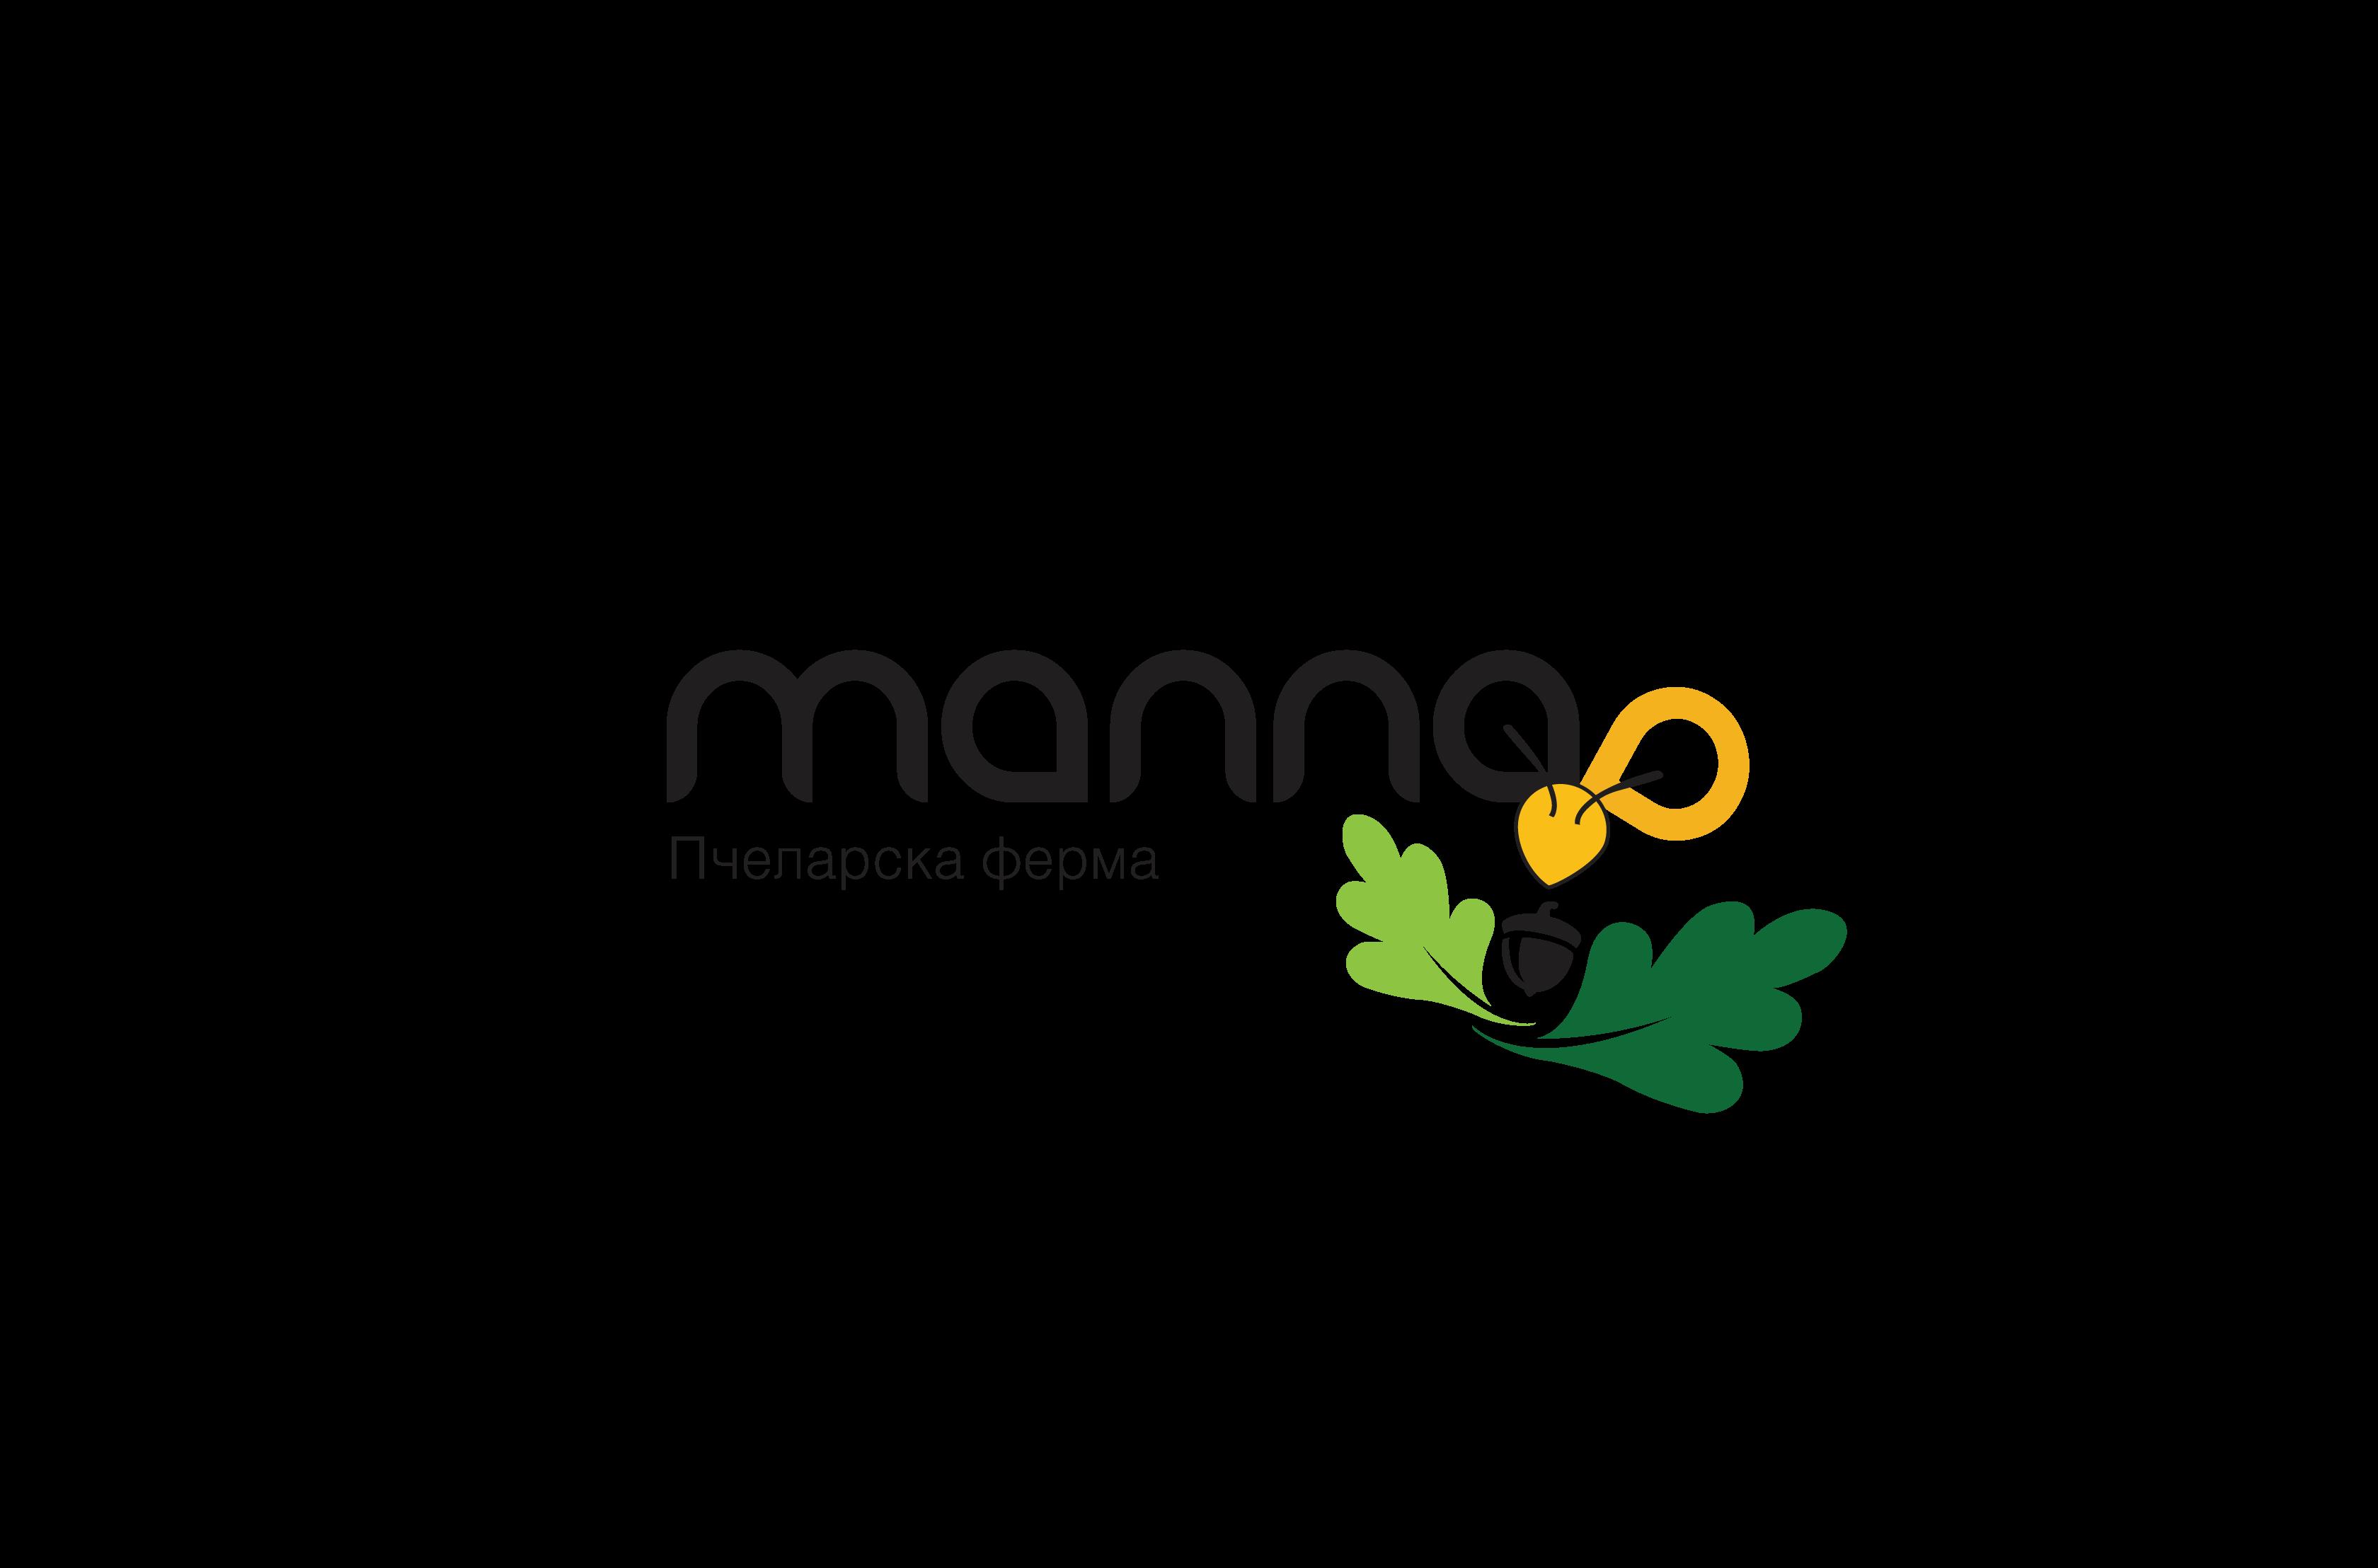 Основно лого